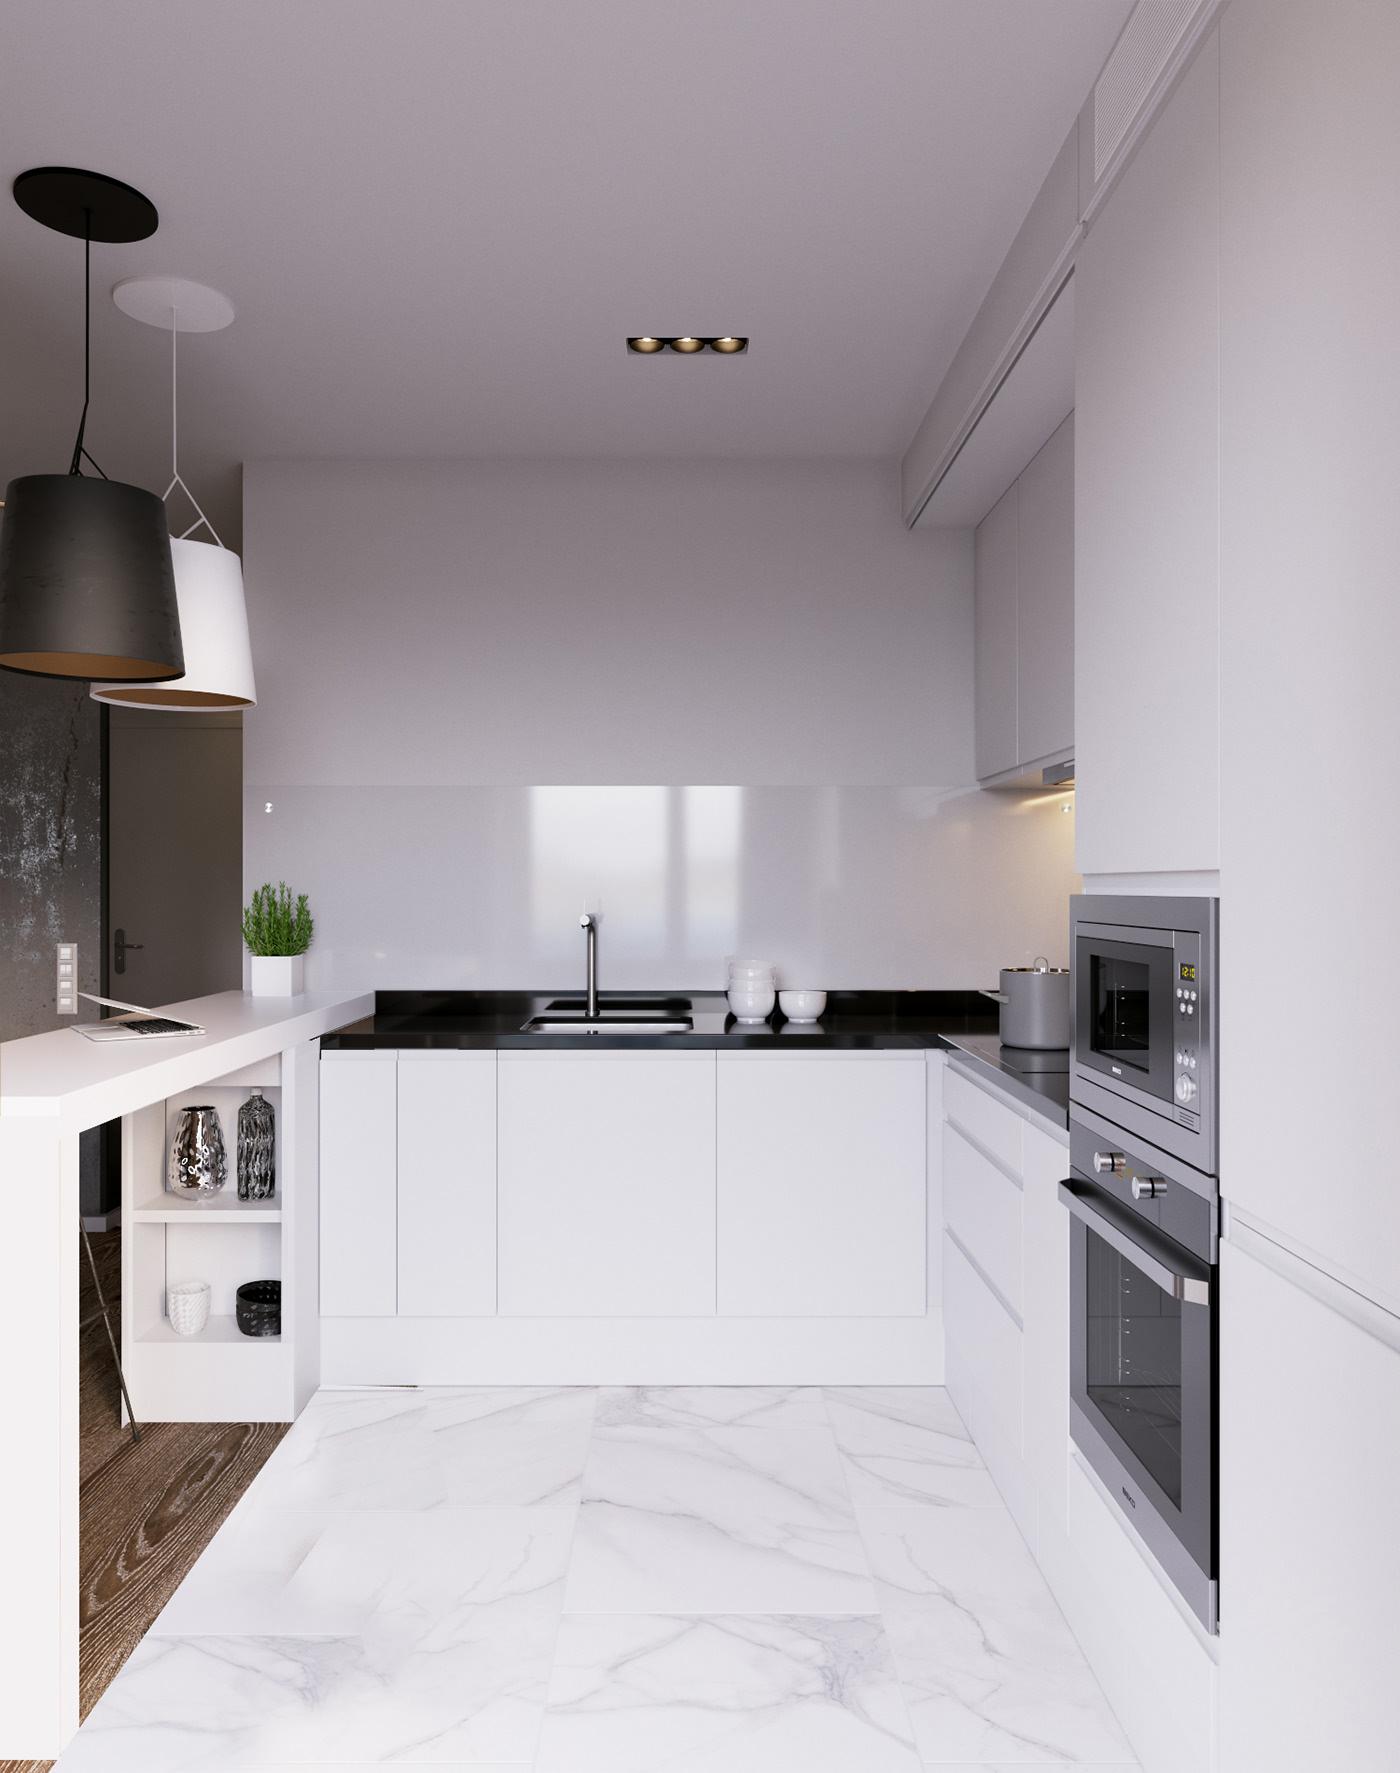 66平现代简约公寓厨房装修效果图